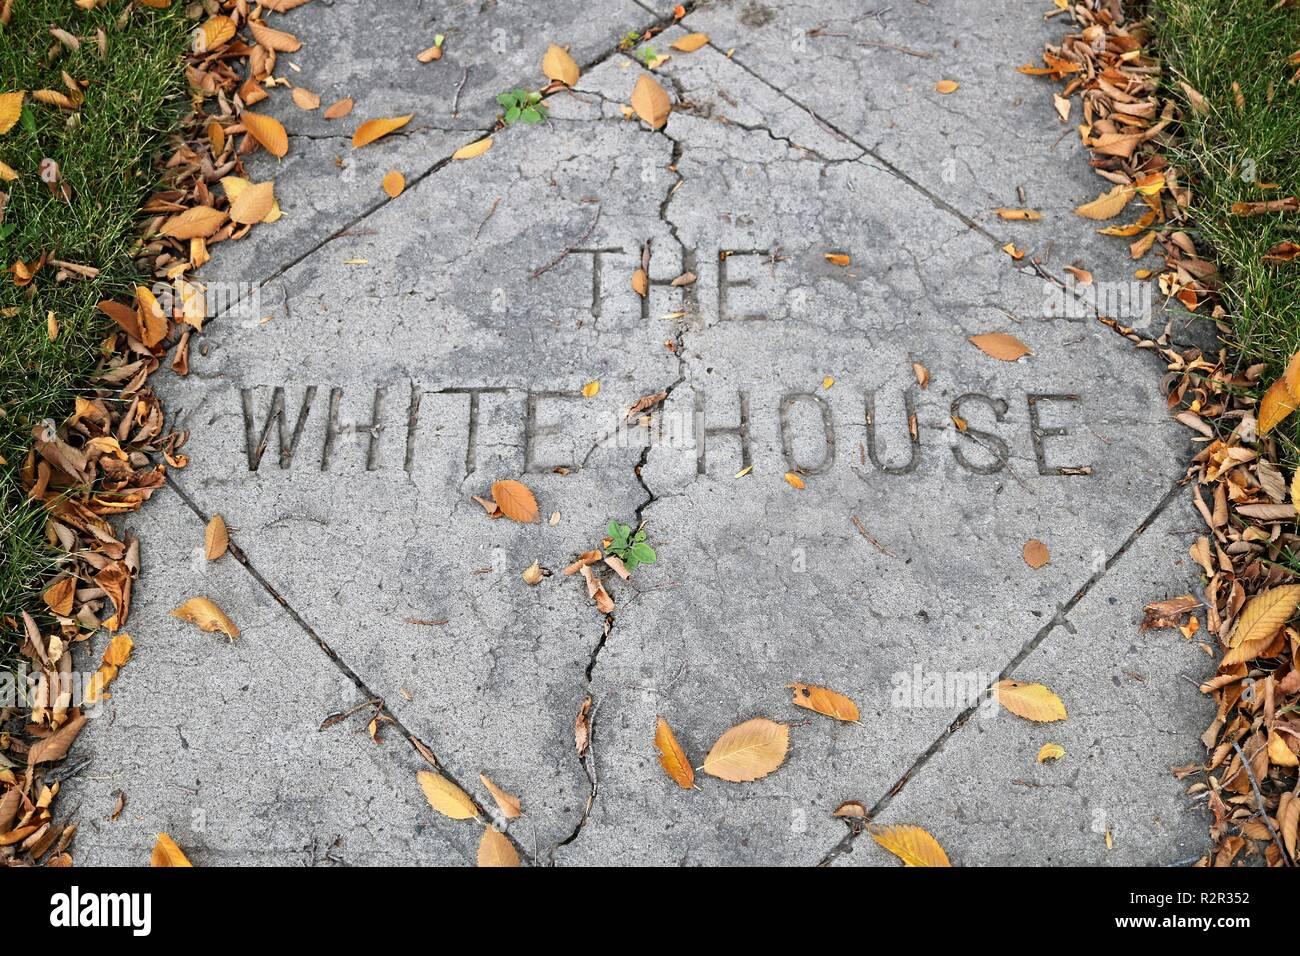 Un trottoir ornant 'la maison blanche' avec une fissure passe au milieu. Banque D'Images